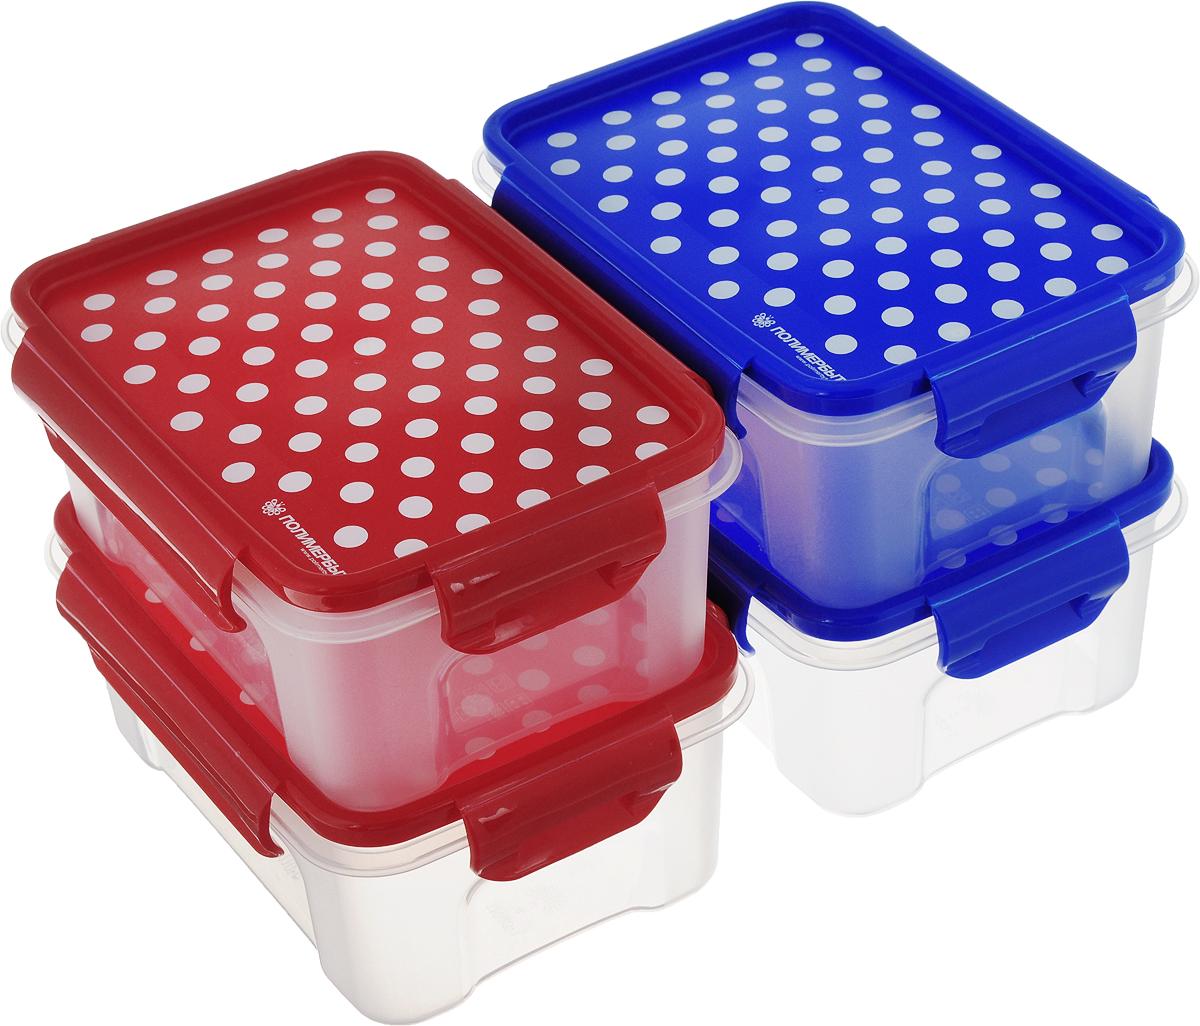 """Набор контейнеров Полимербыт """"Горох"""", прямоугольные, цвет: прозрачный, синий, красный, 0,75 л, 4 шт"""